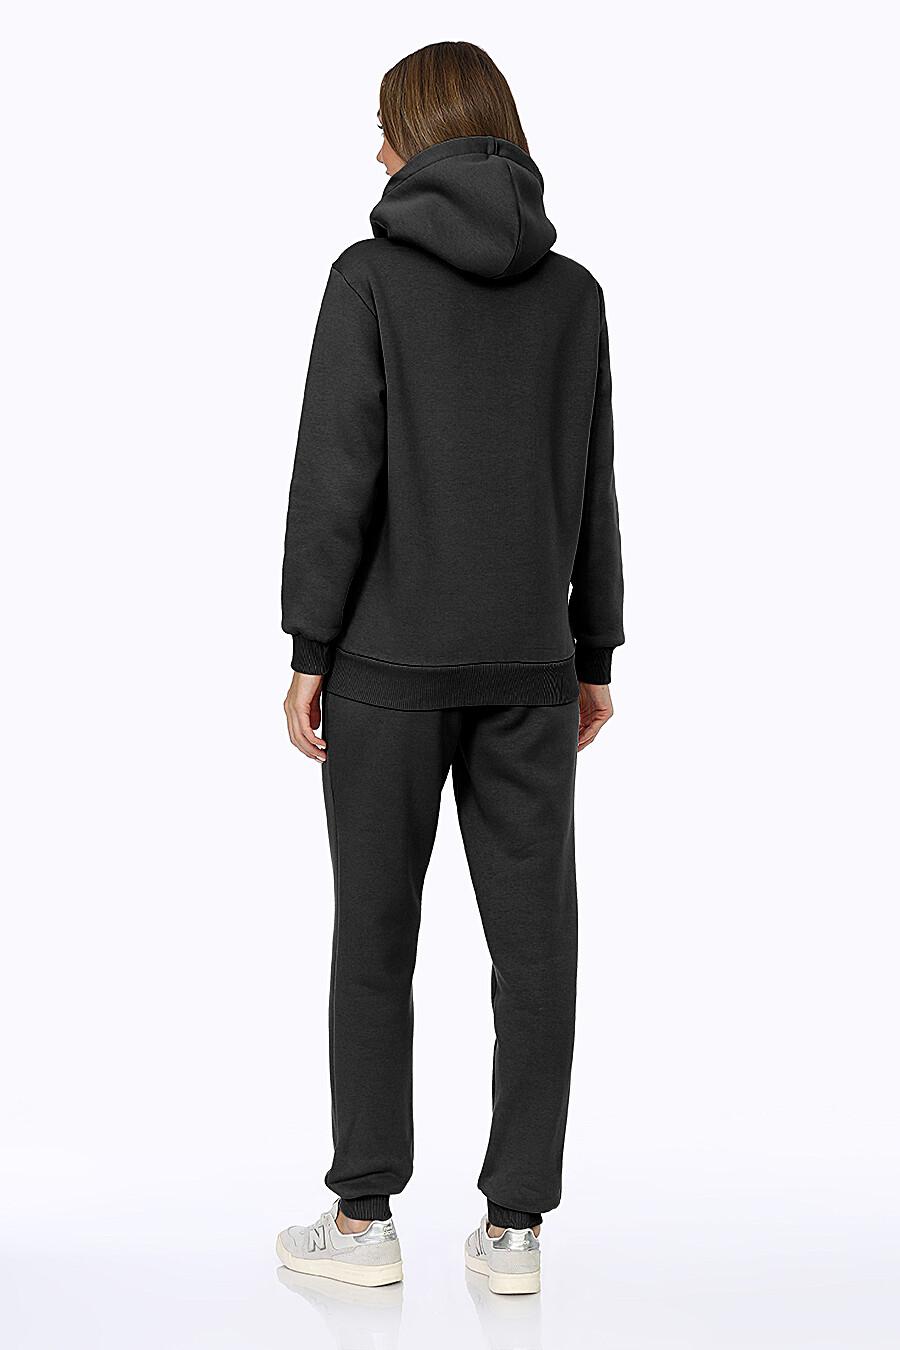 Костюм (Брюки+Худи) для женщин EZANNA 707989 купить оптом от производителя. Совместная покупка женской одежды в OptMoyo